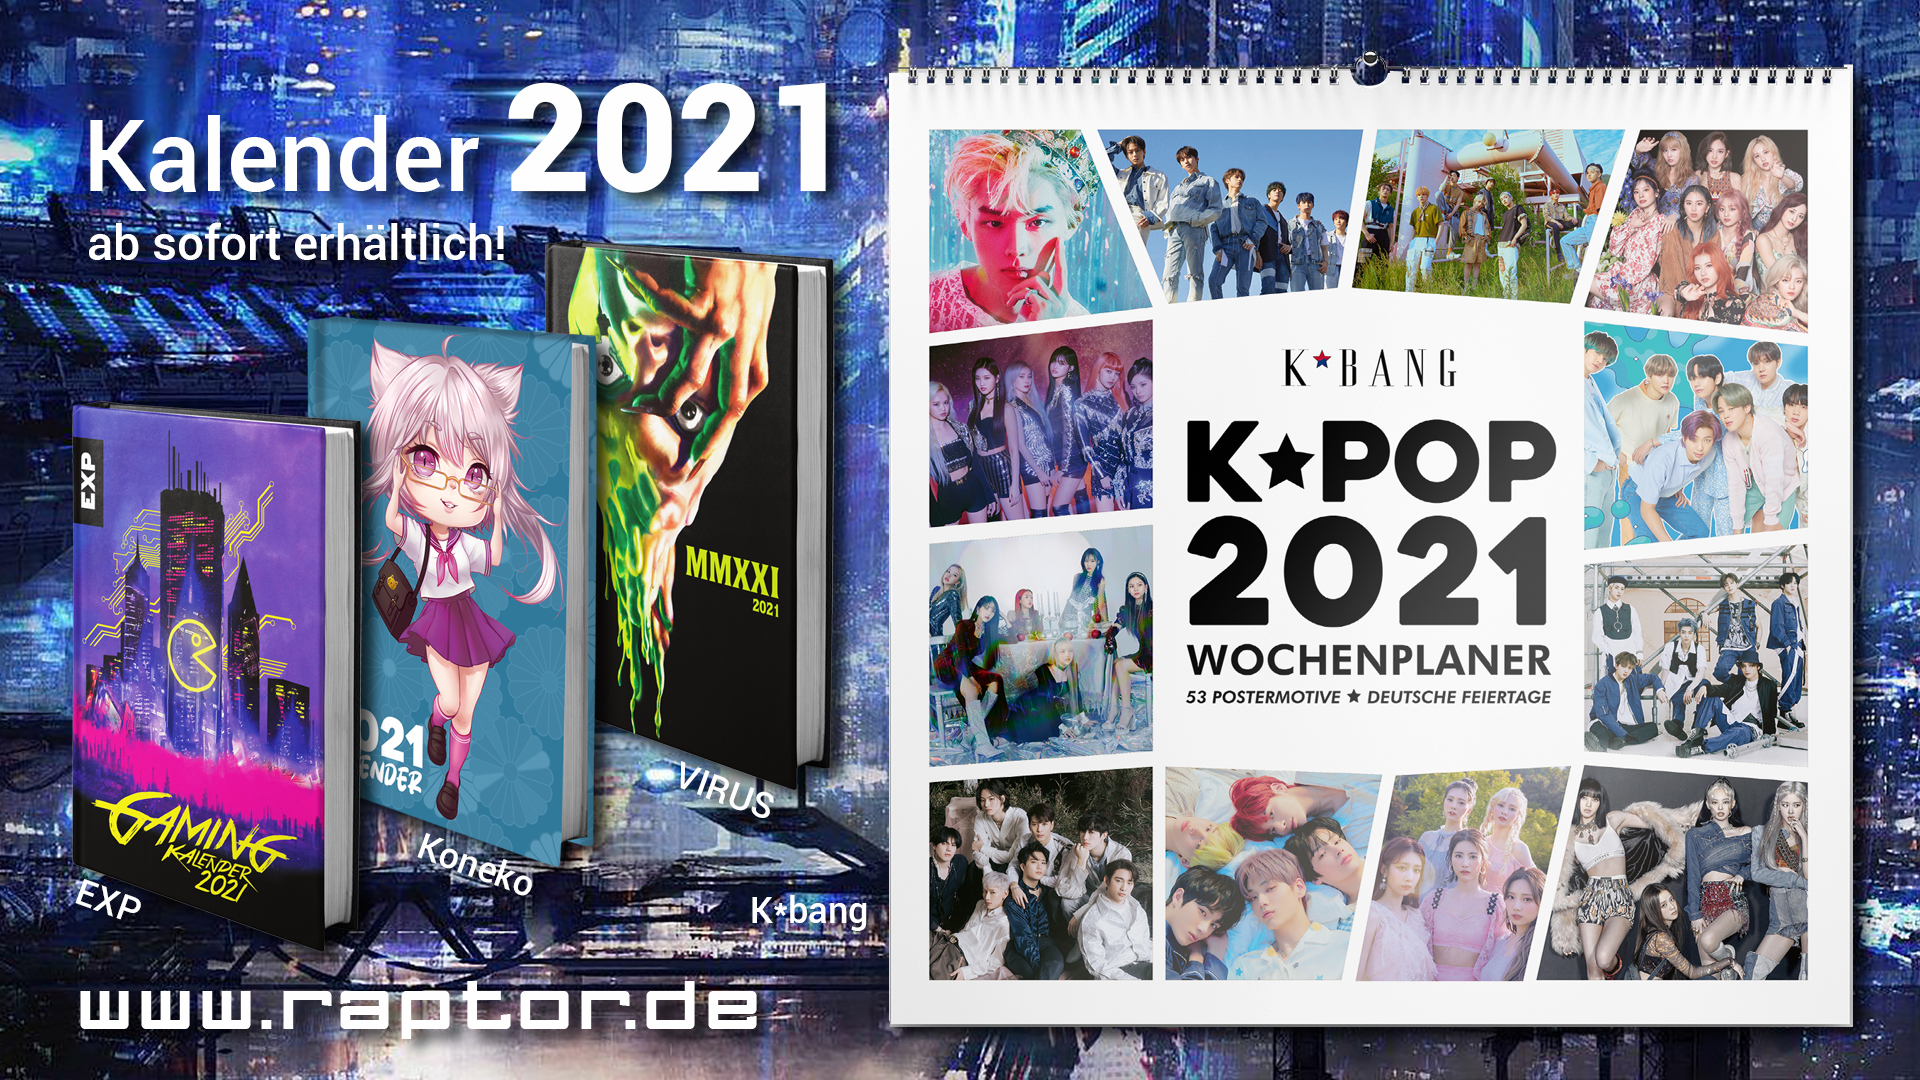 raptor Kalender 2021